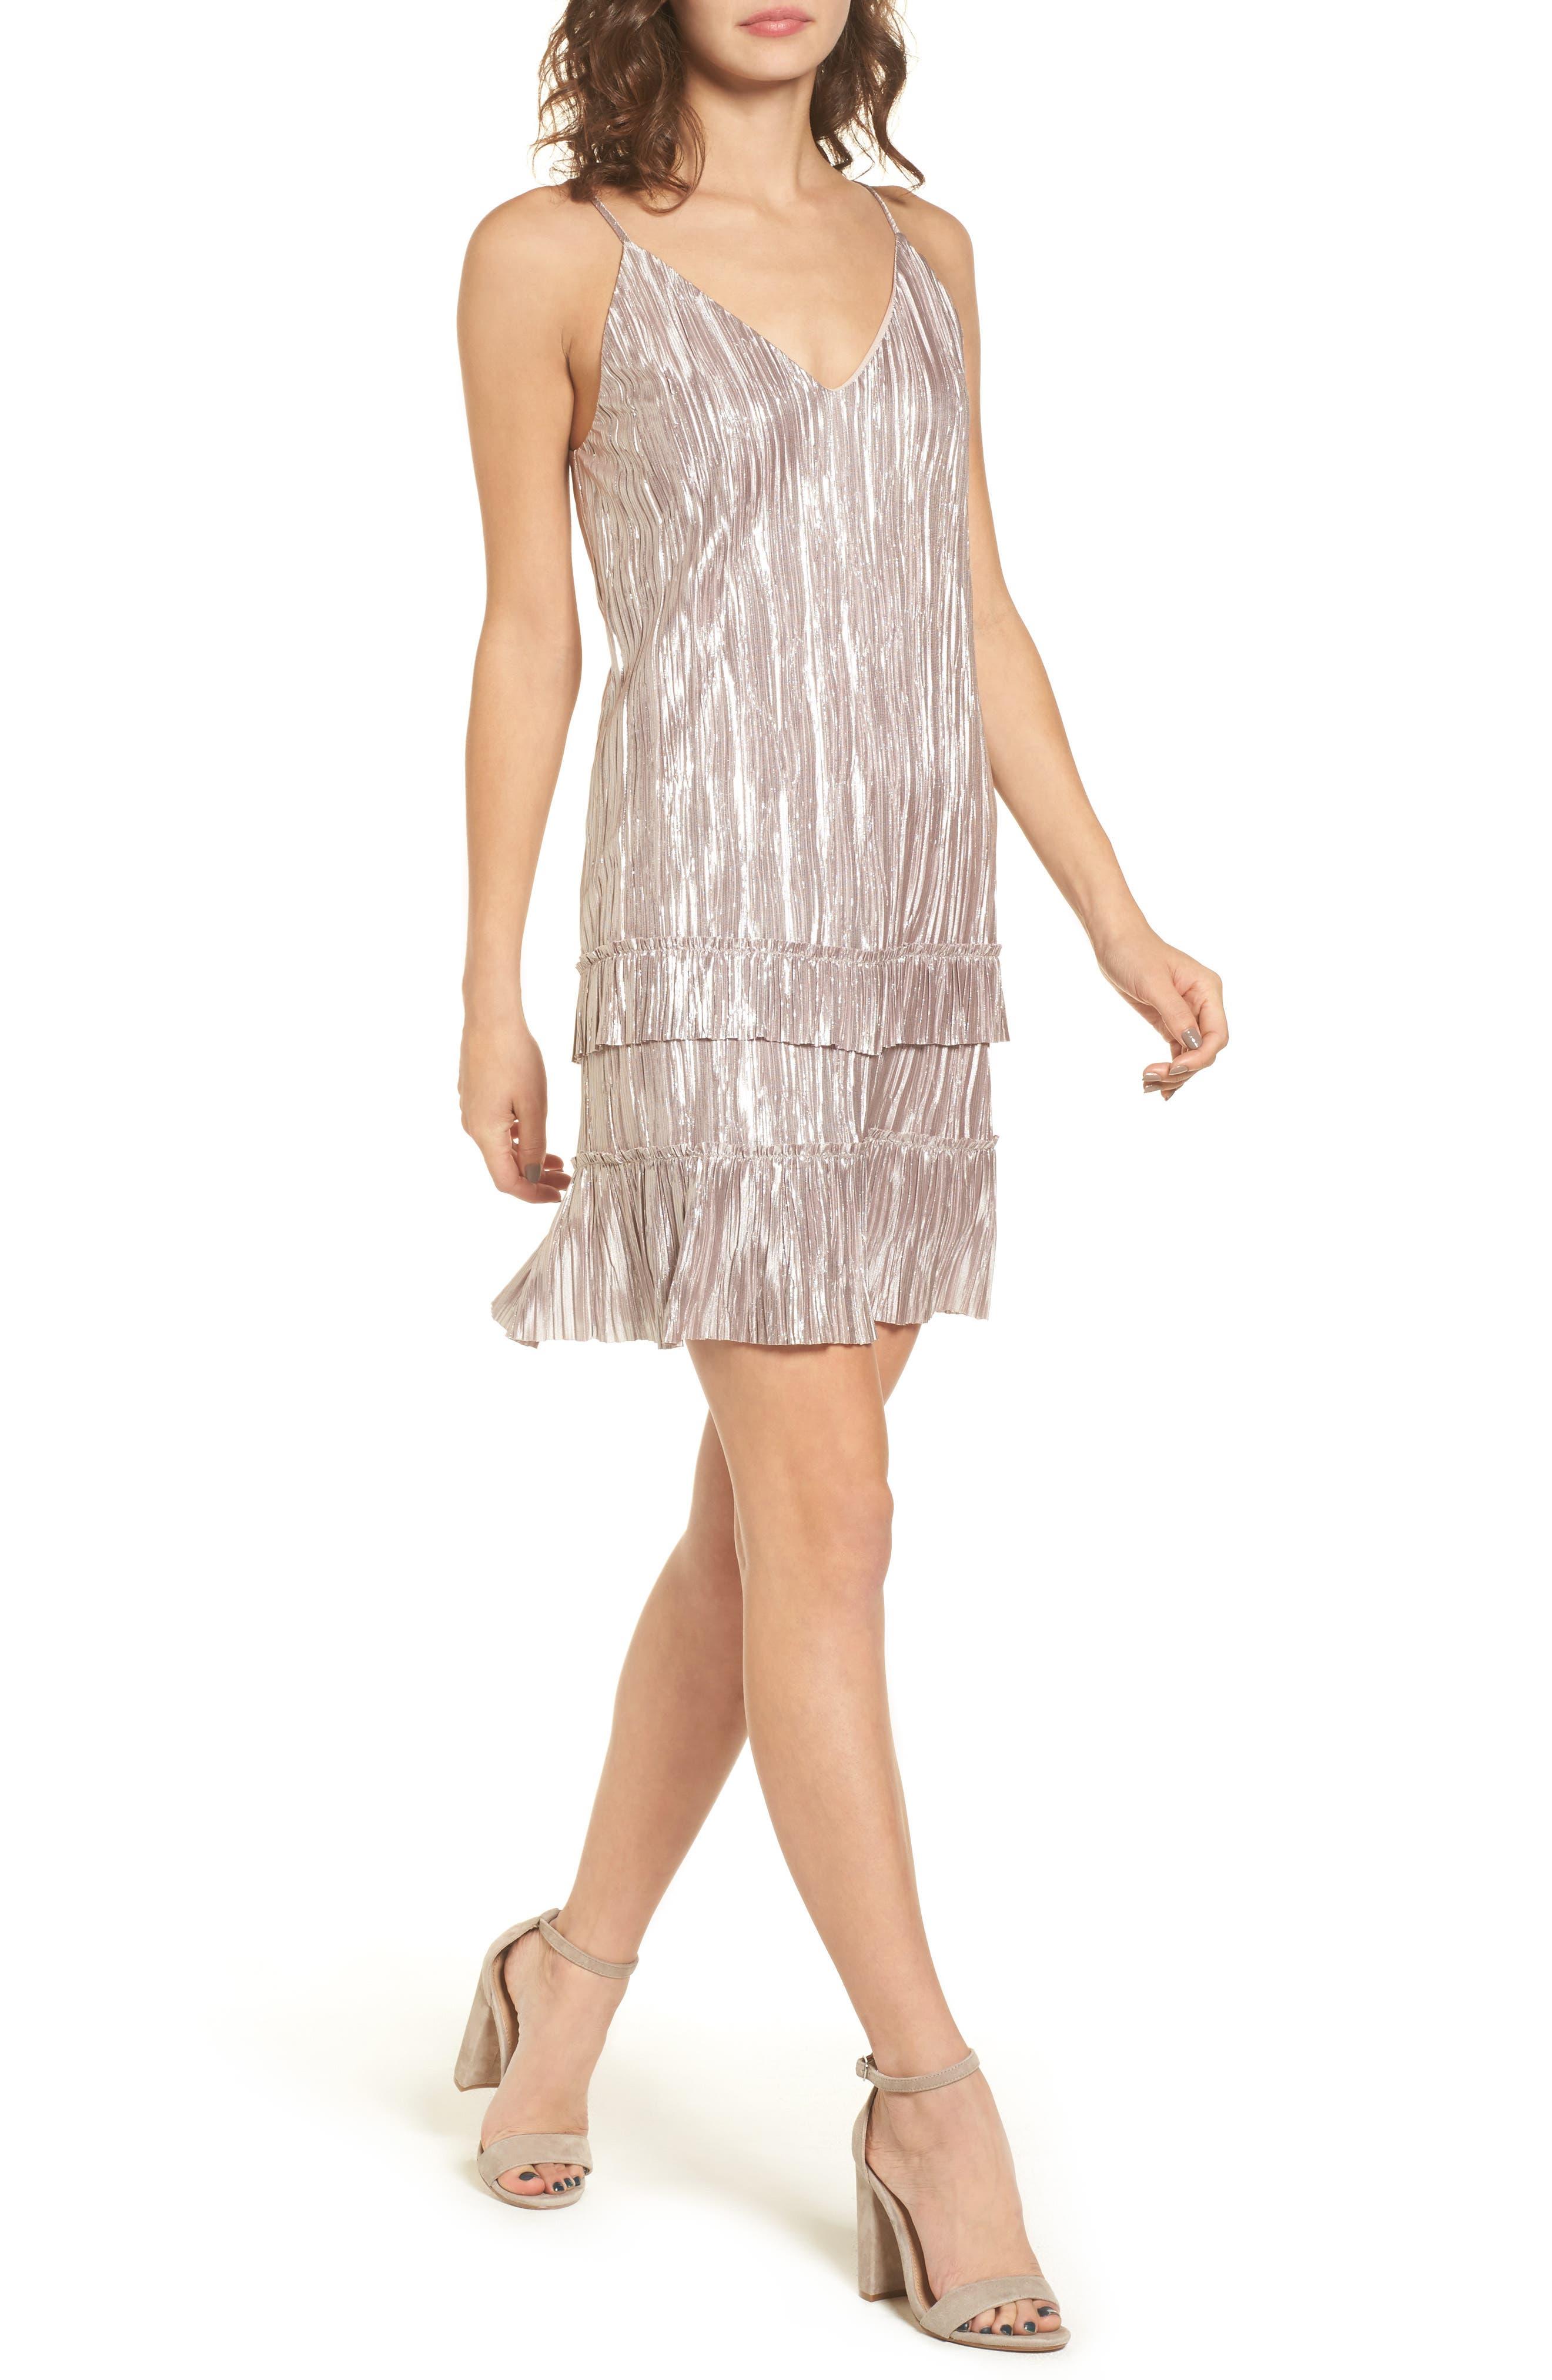 Bastille Slip Dress,                             Main thumbnail 1, color,                             250